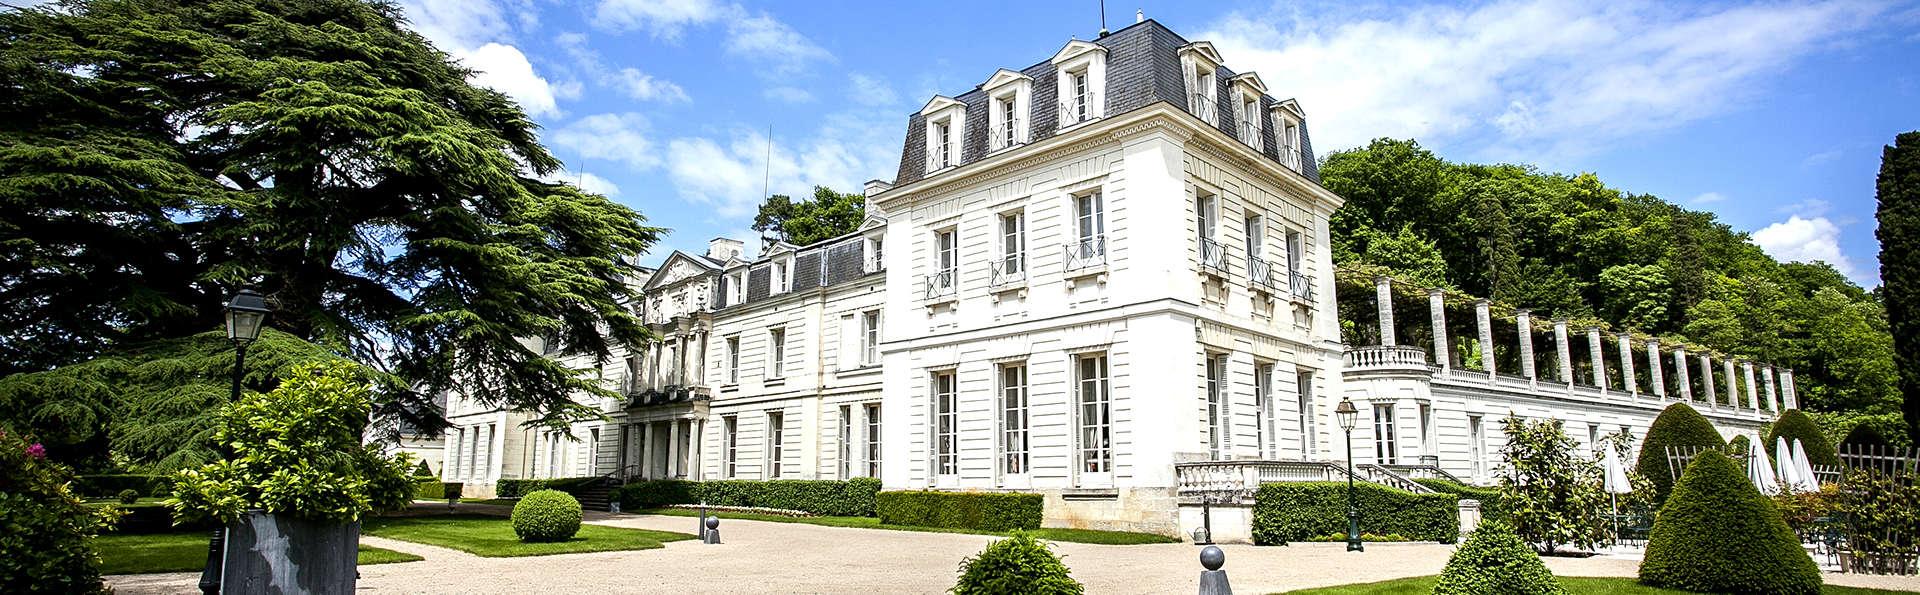 Château de Rochecotte - EDIT_NEW_FRONT.jpg